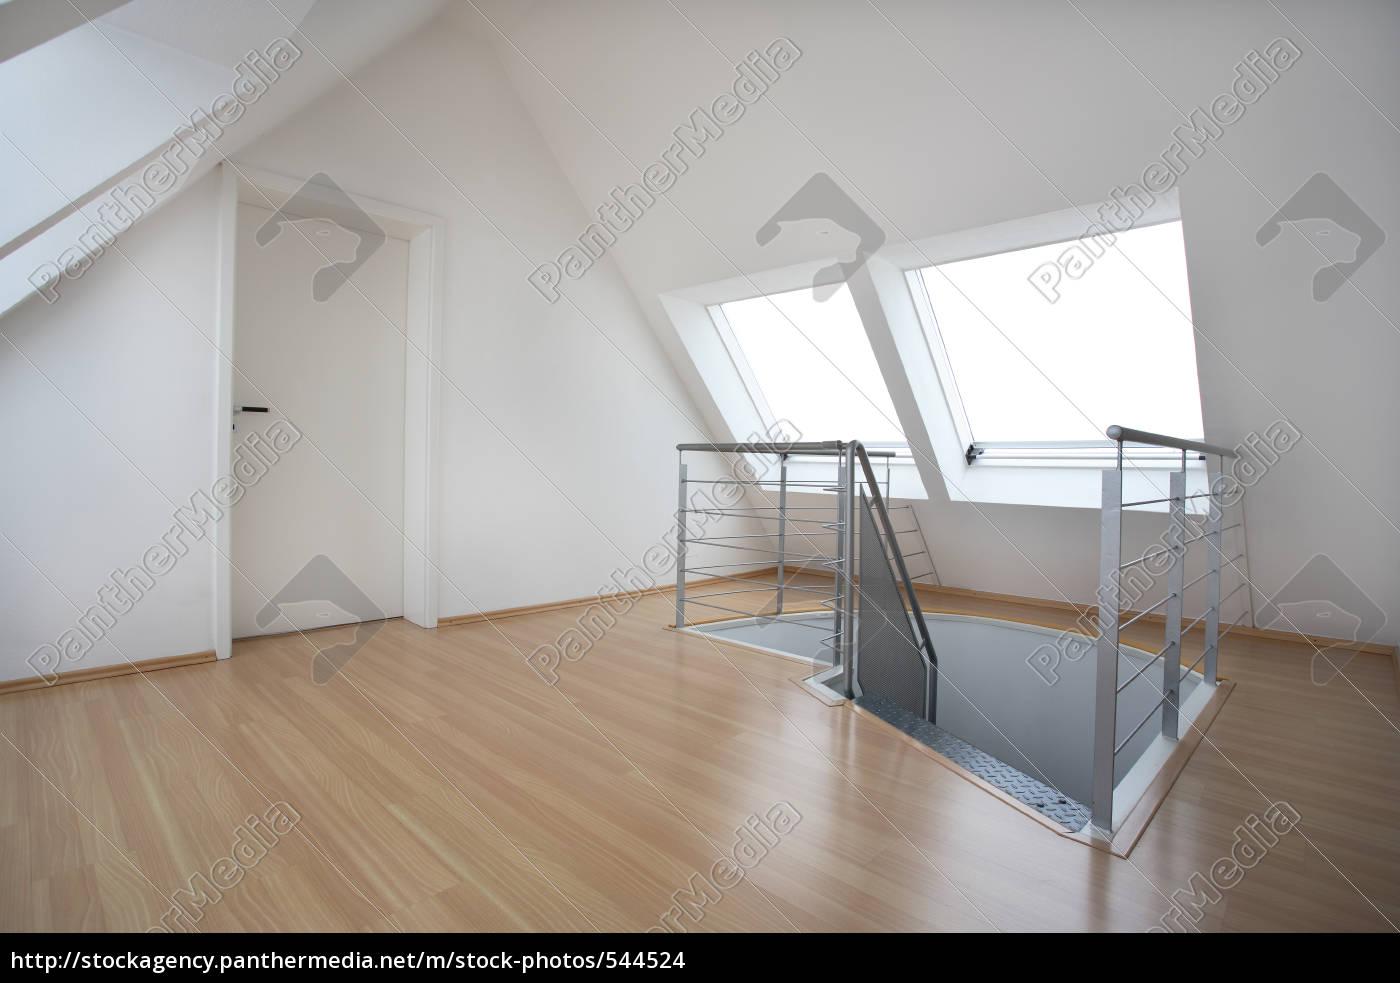 loft - 544524